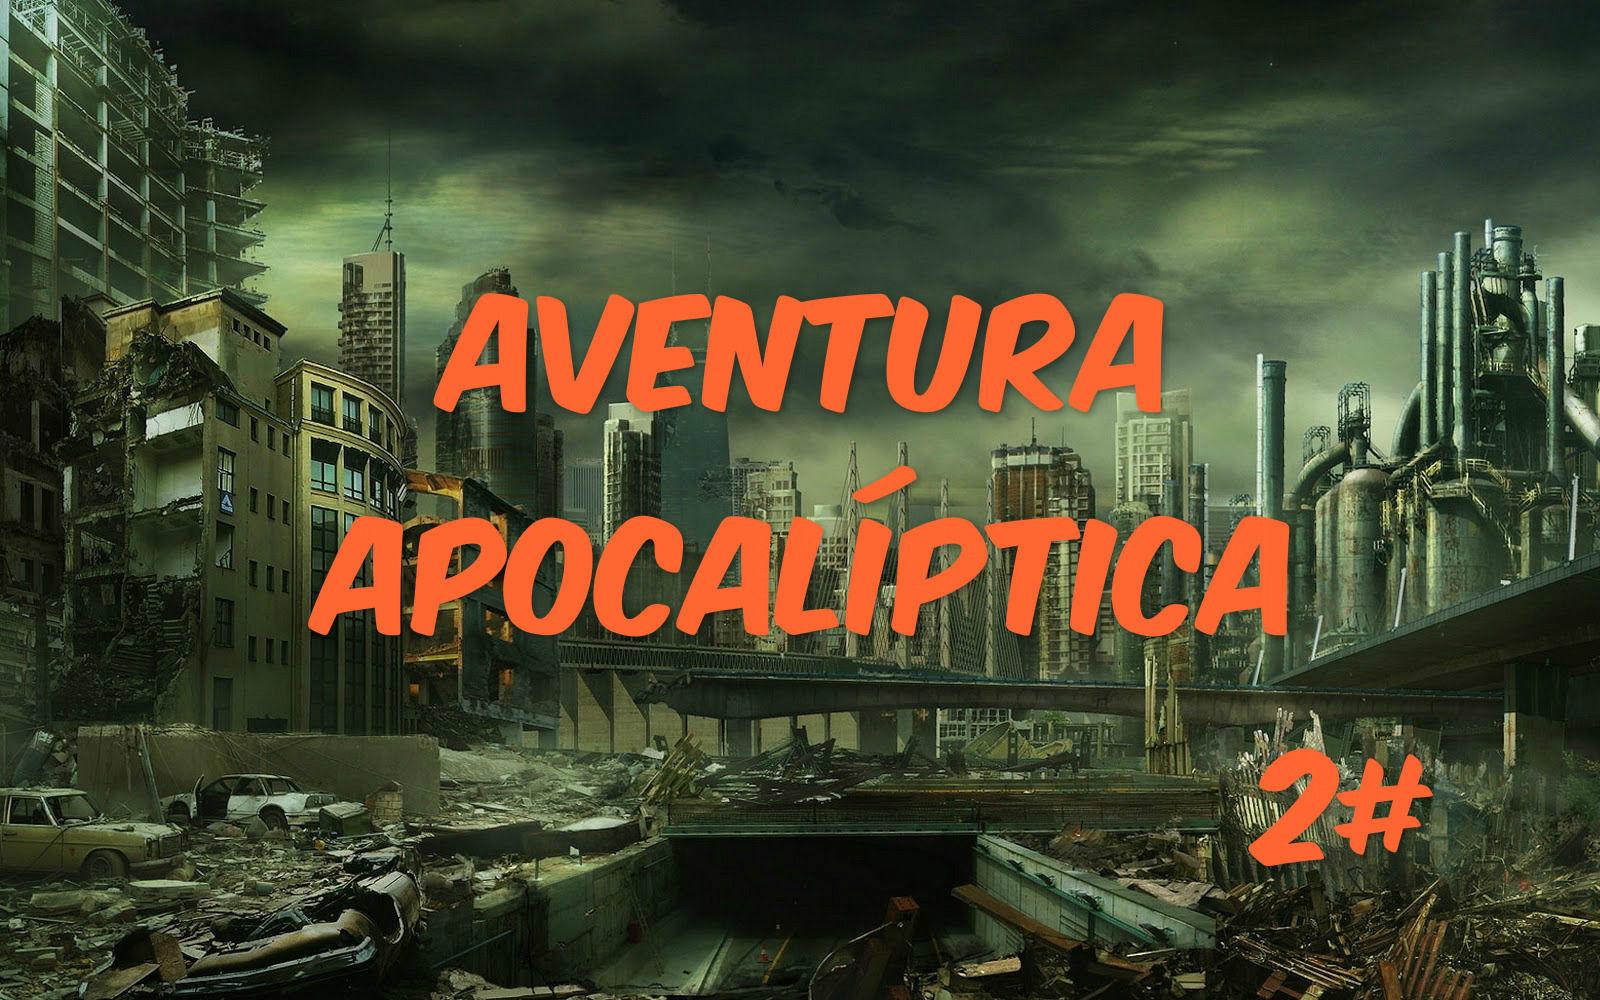 5821 - ¿Sobrevivirías a un apocalipsis? 2# (Versión aventura)